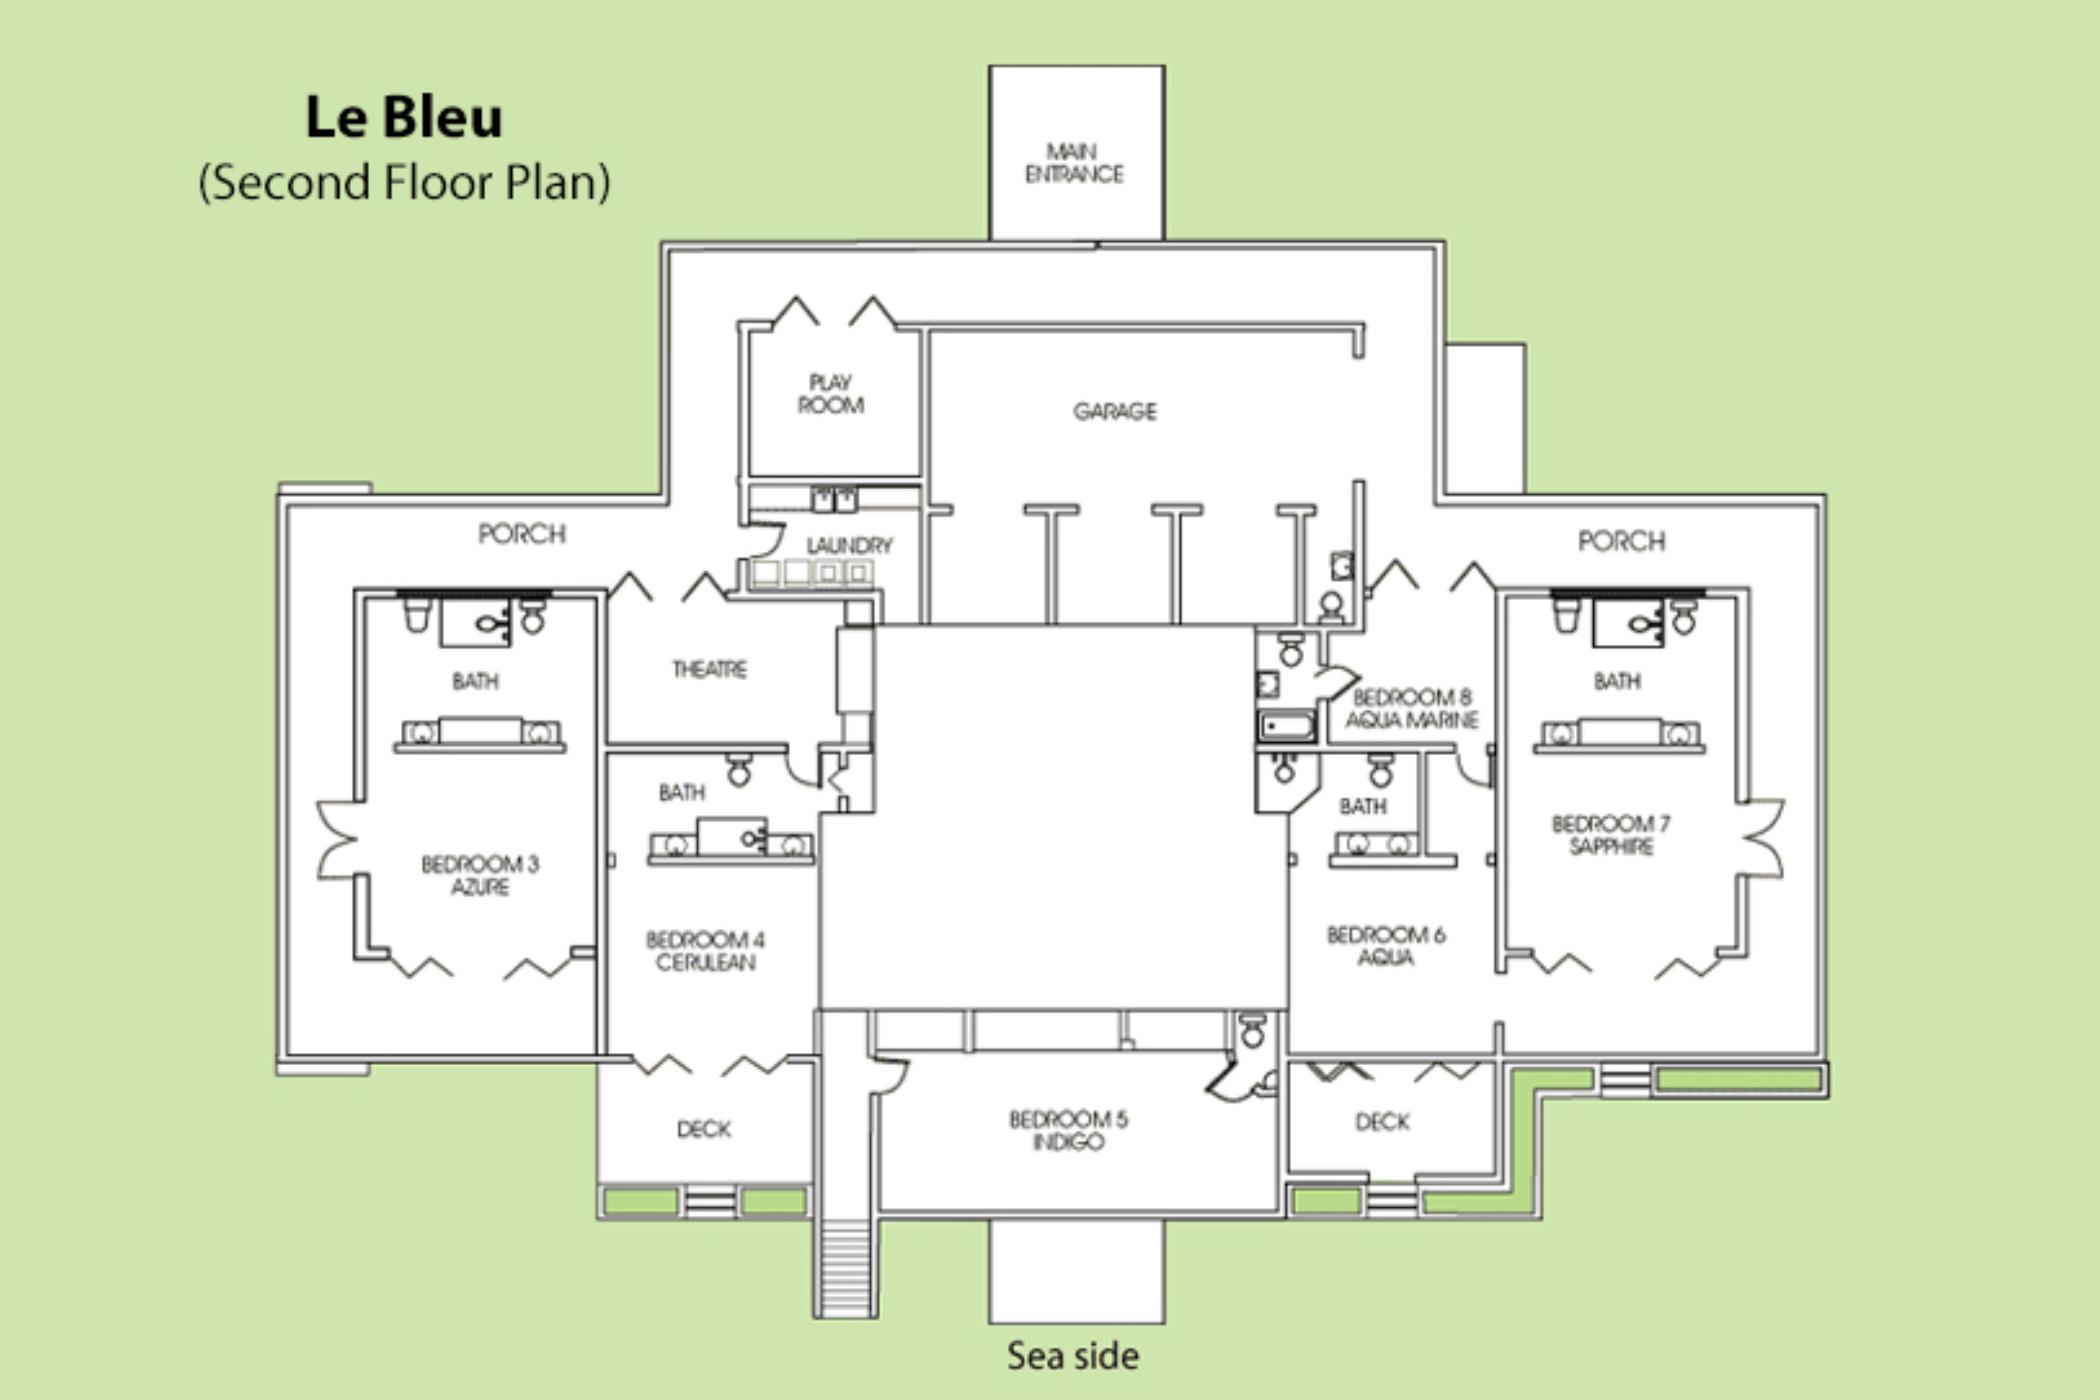 Little Harbour Estates - Le Bleu